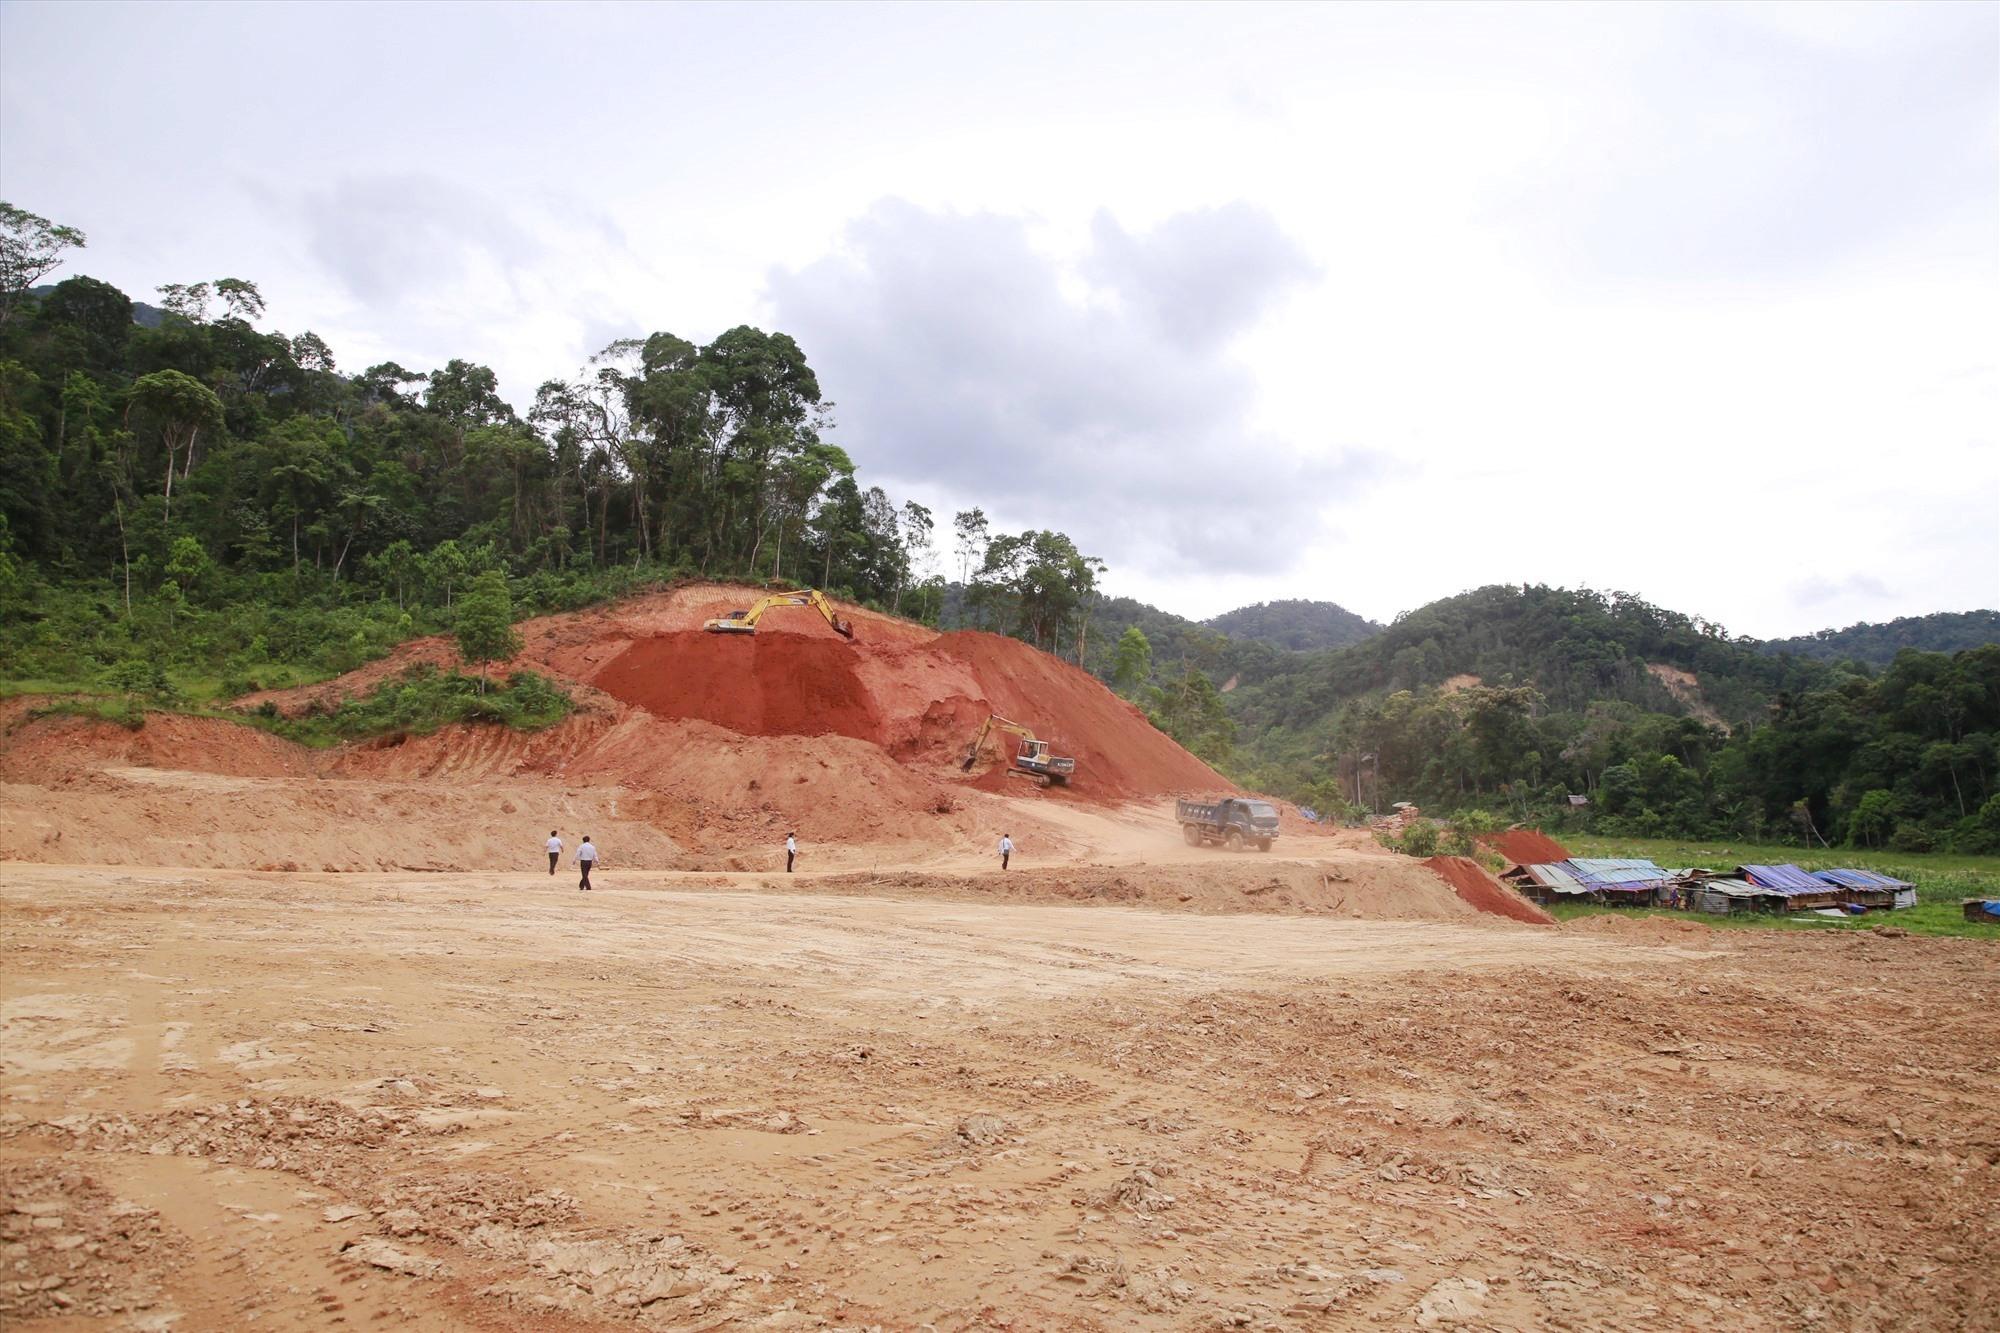 Hiện nay Phước Sơn đang chỉ đạo đẩy nhanh tiến độ hoàn thành các khu tái định cư, hoàn thành trước 15.7. Ảnh: T.C